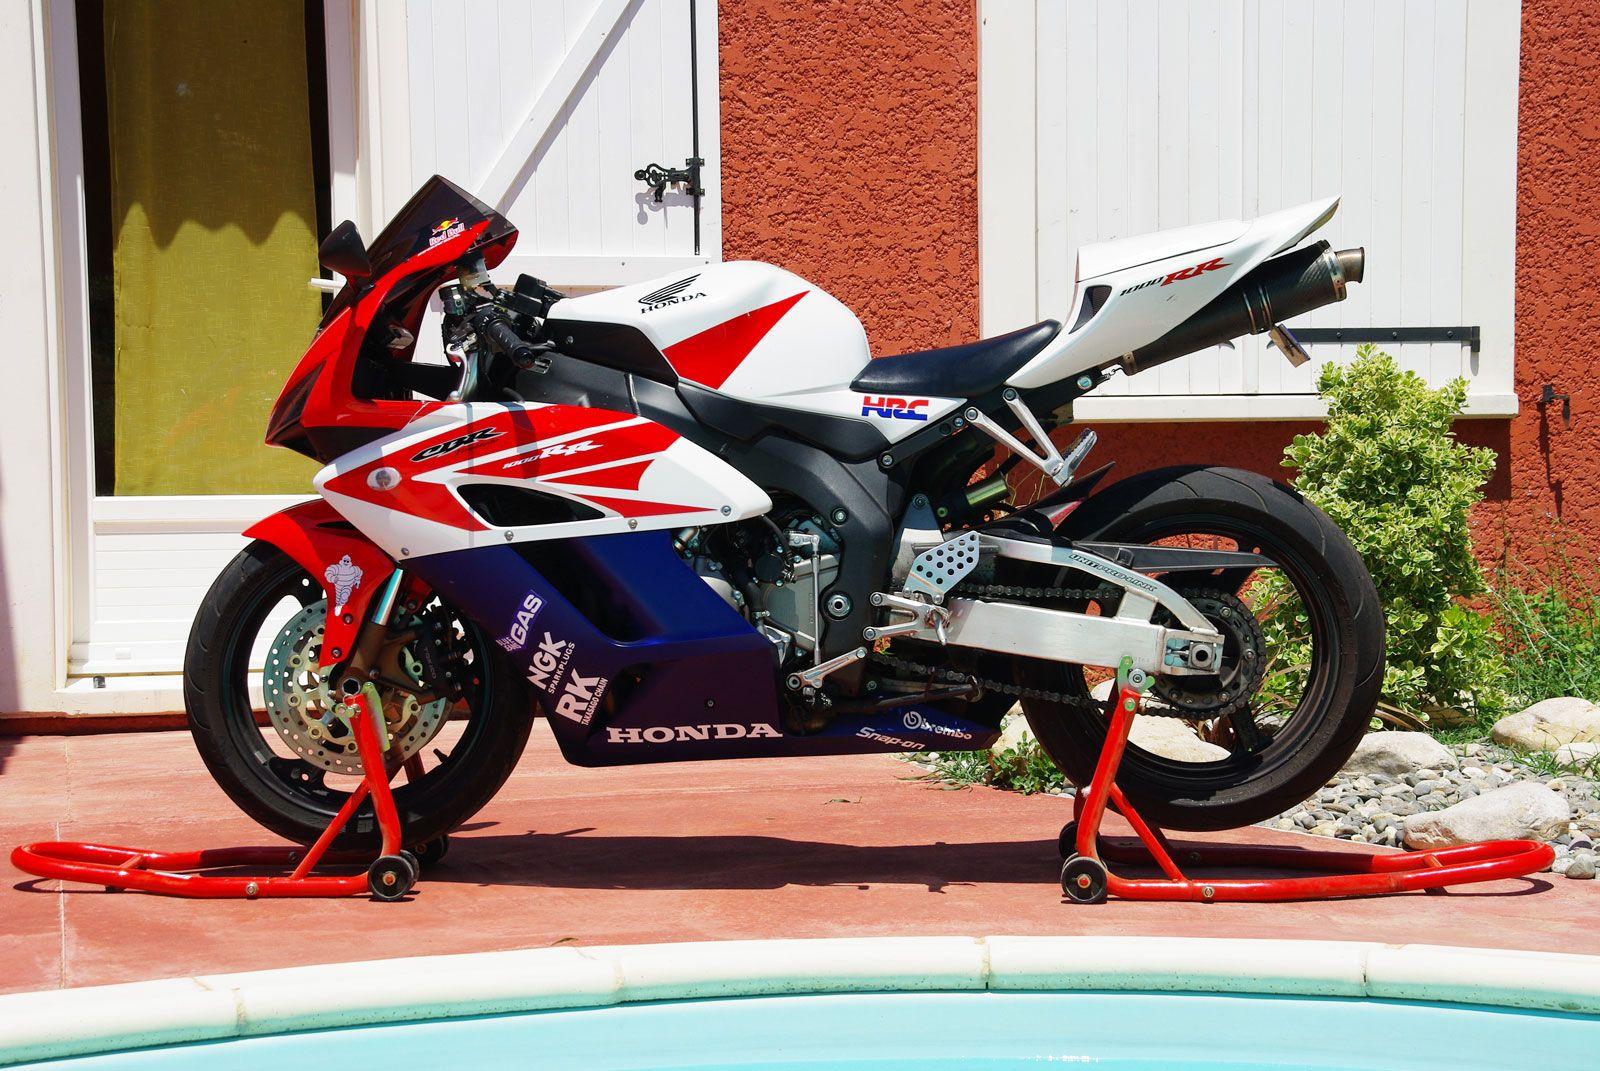 Honda Cbr 1000 Rr 2004 Pics 24179 Honda Honda Cbr Cbr